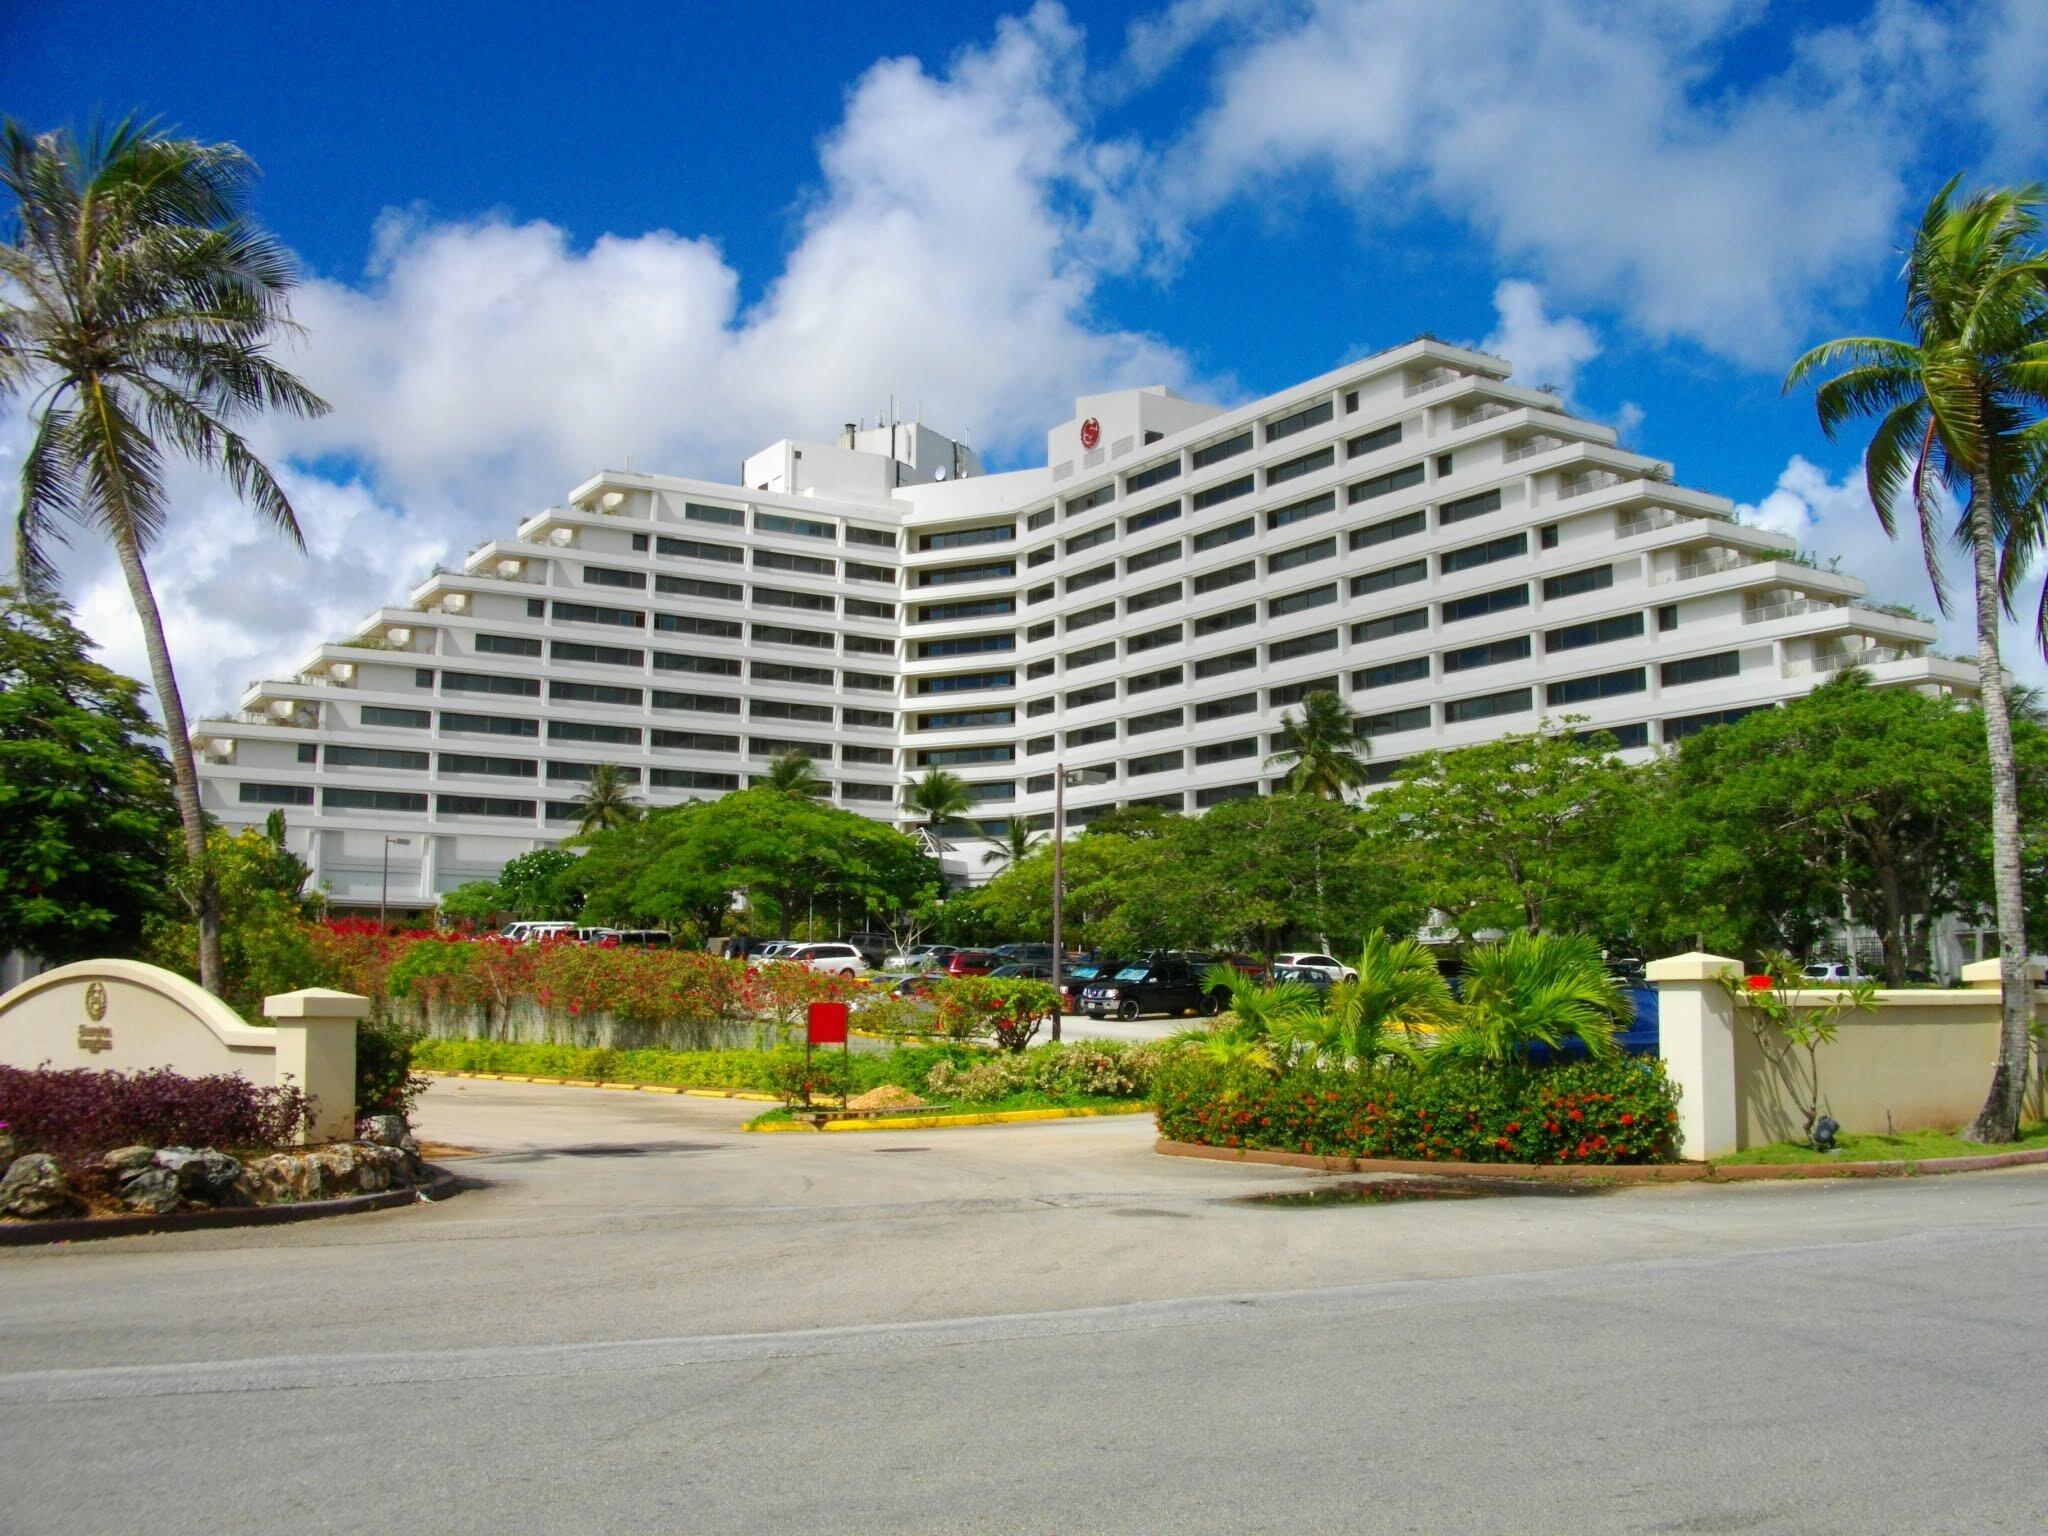 Andersen Afb Guam